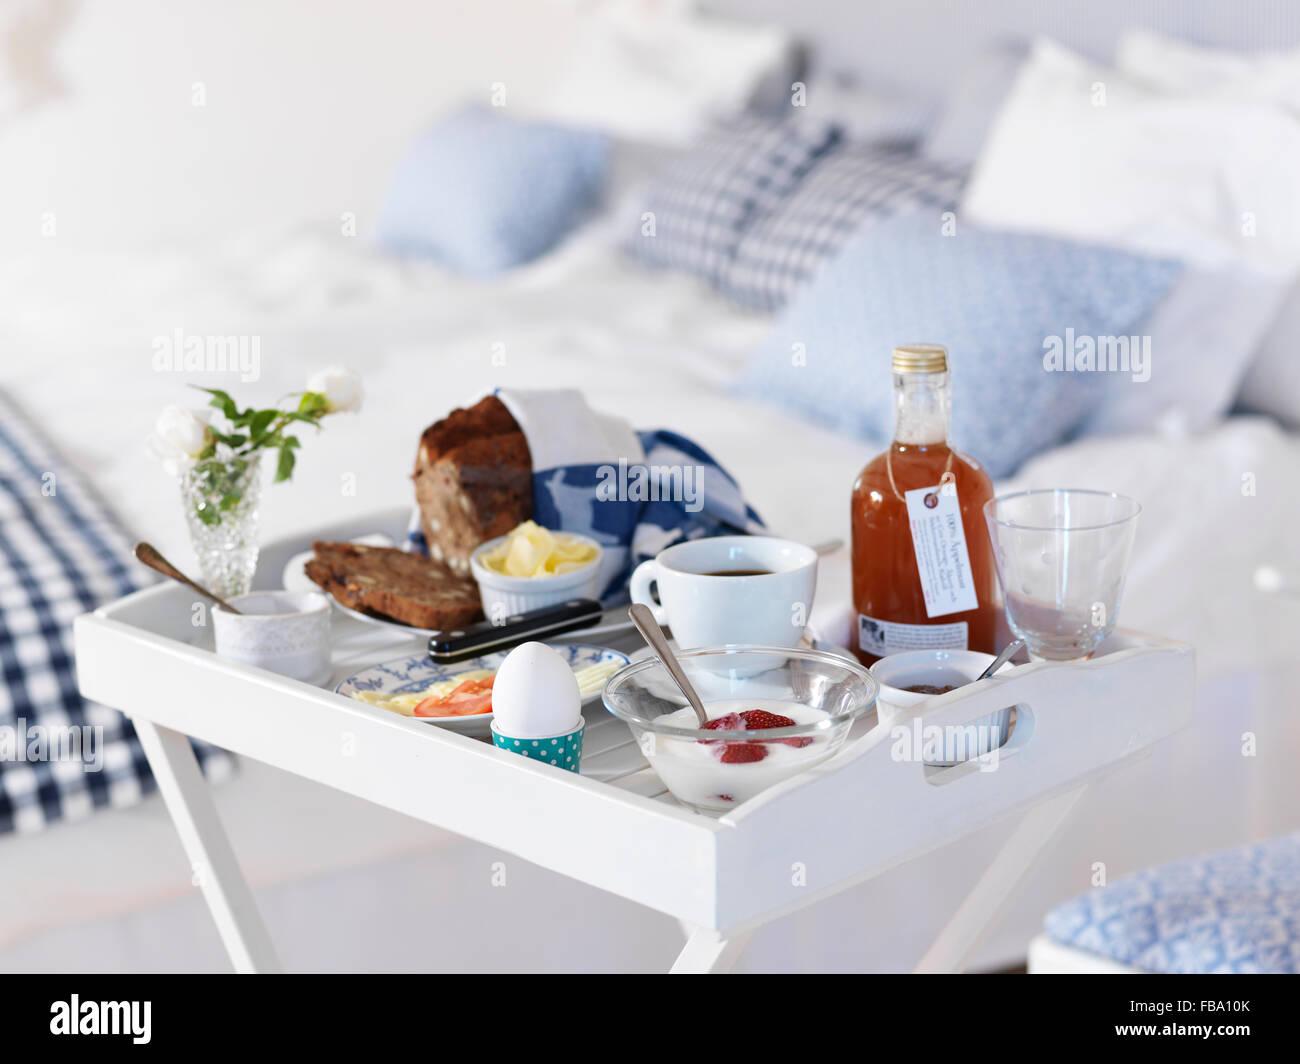 Tavoli Per Camere Da Letto : La svezia tavolo per la colazione in camera da letto foto